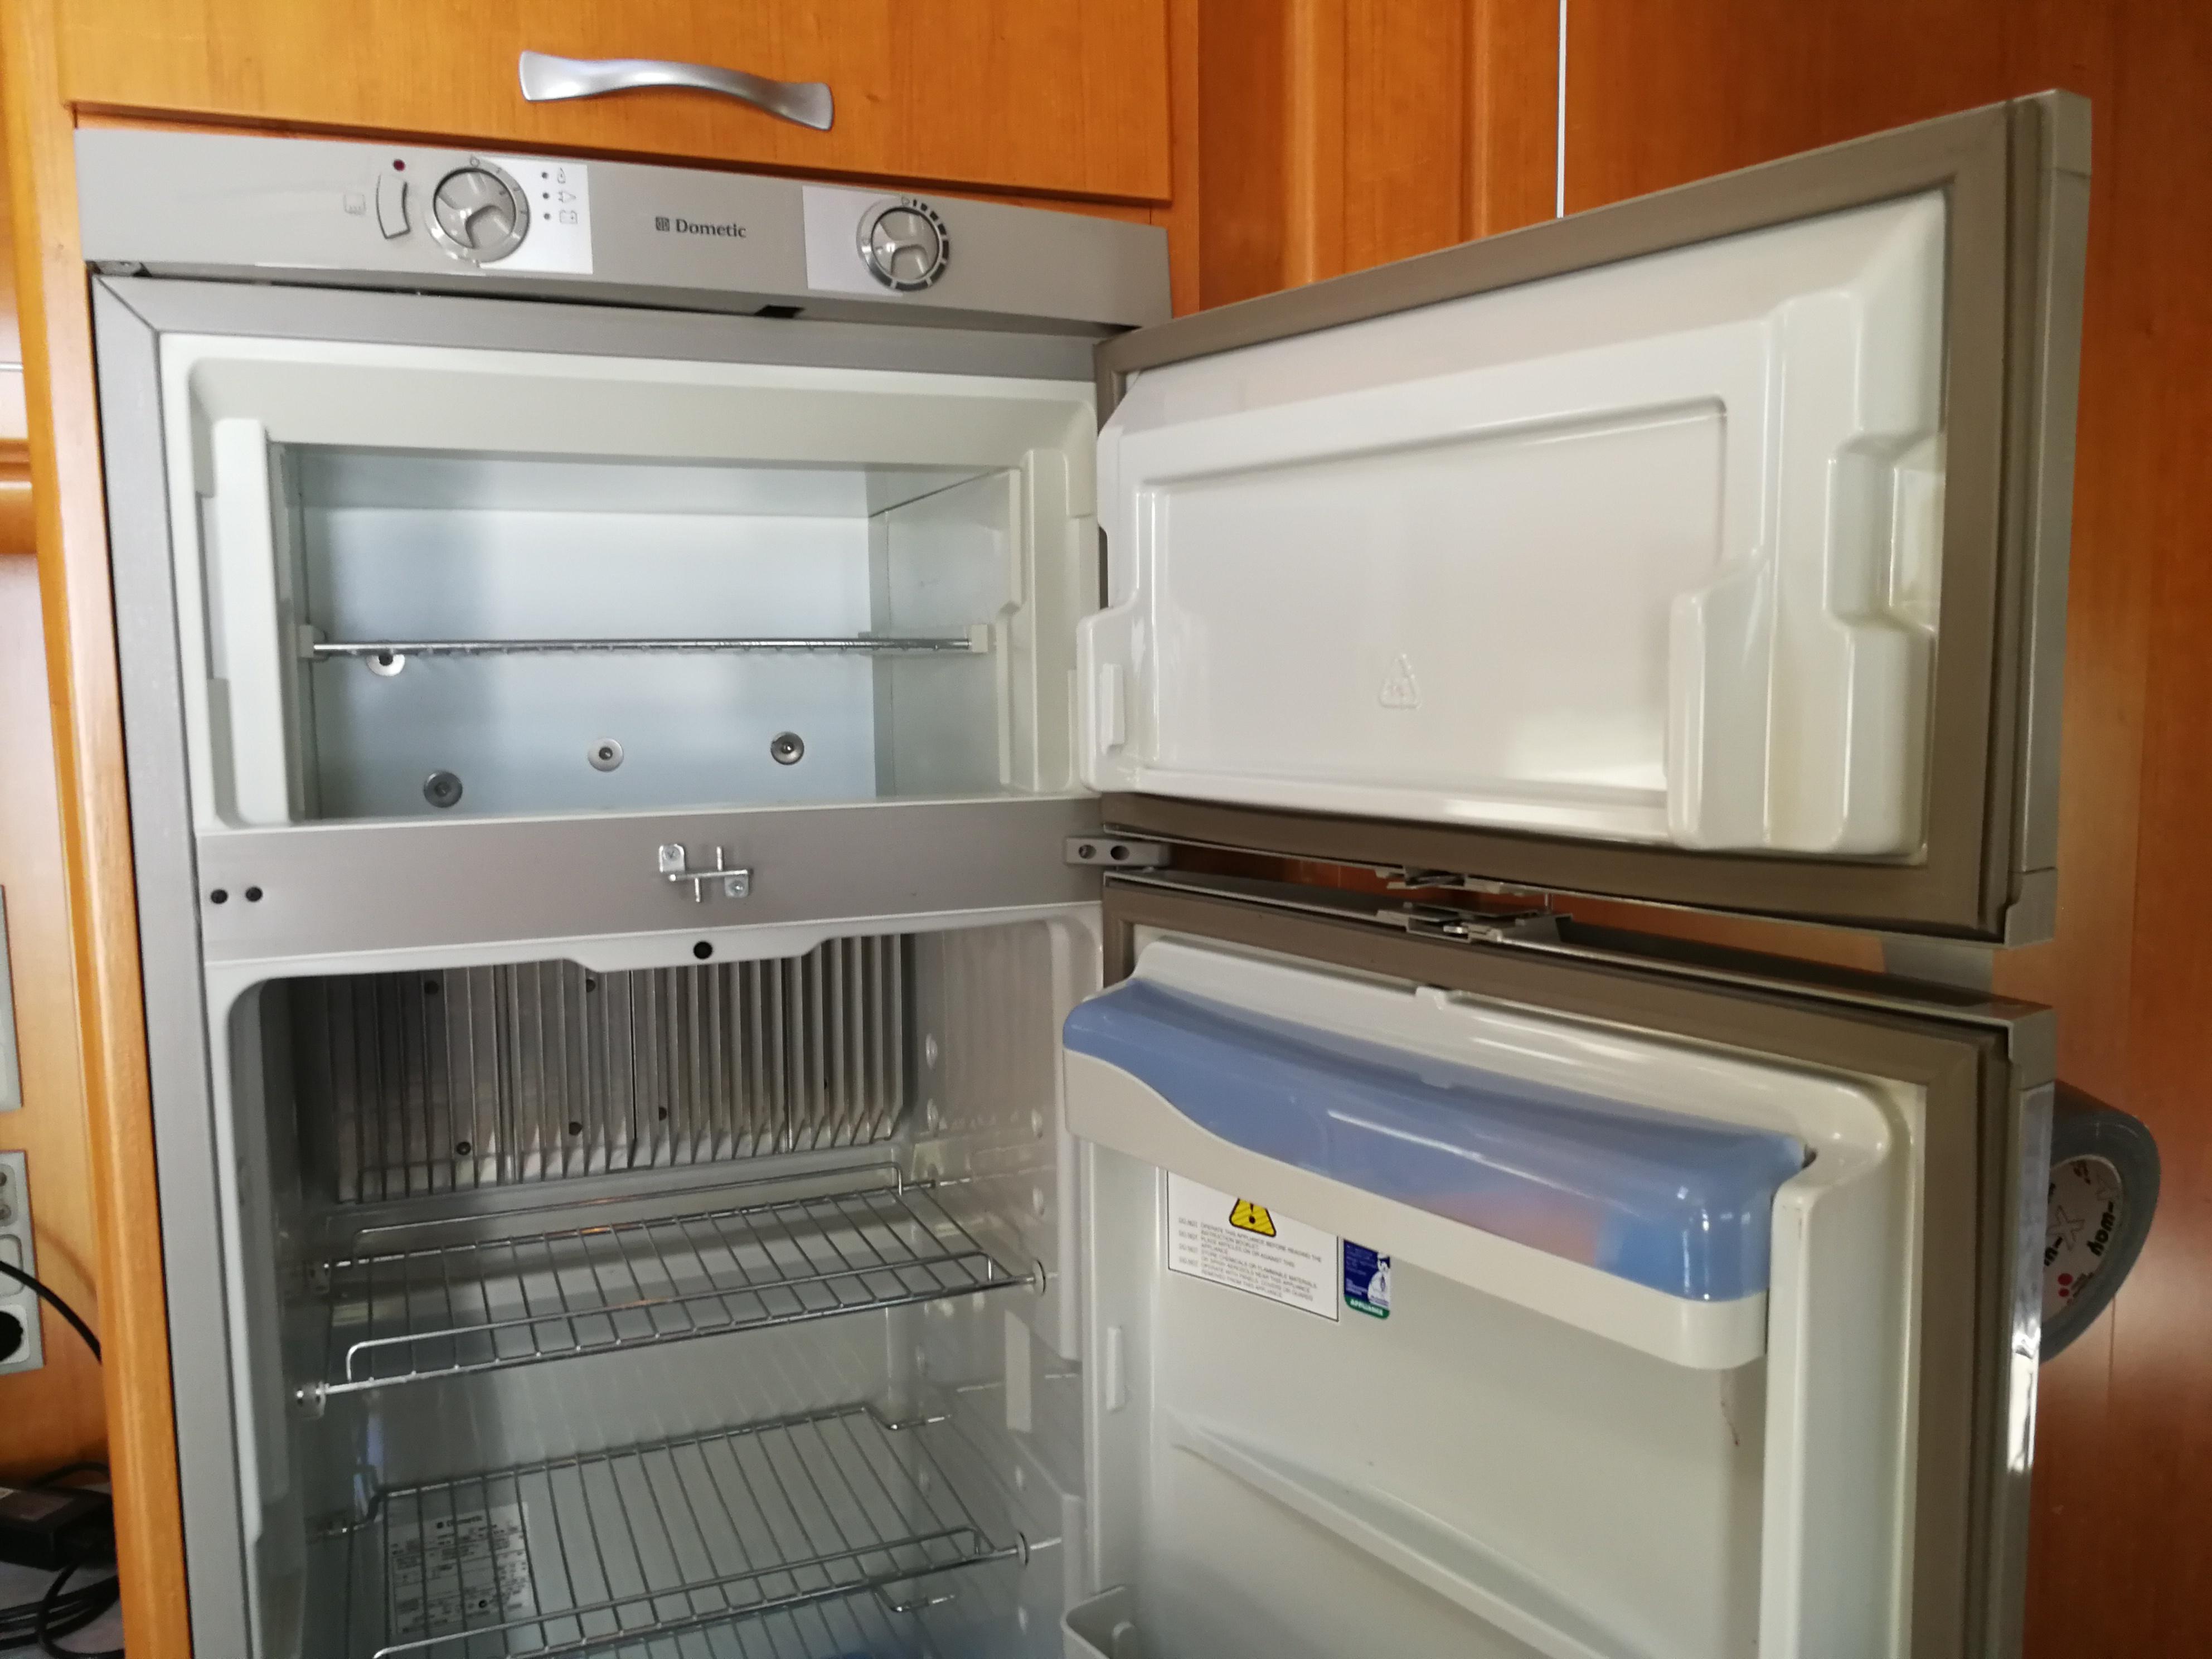 Electrolux Kühlschrank Wohnmobil : Camping kühlschrank tausch der wärmeleitpaste camping experten